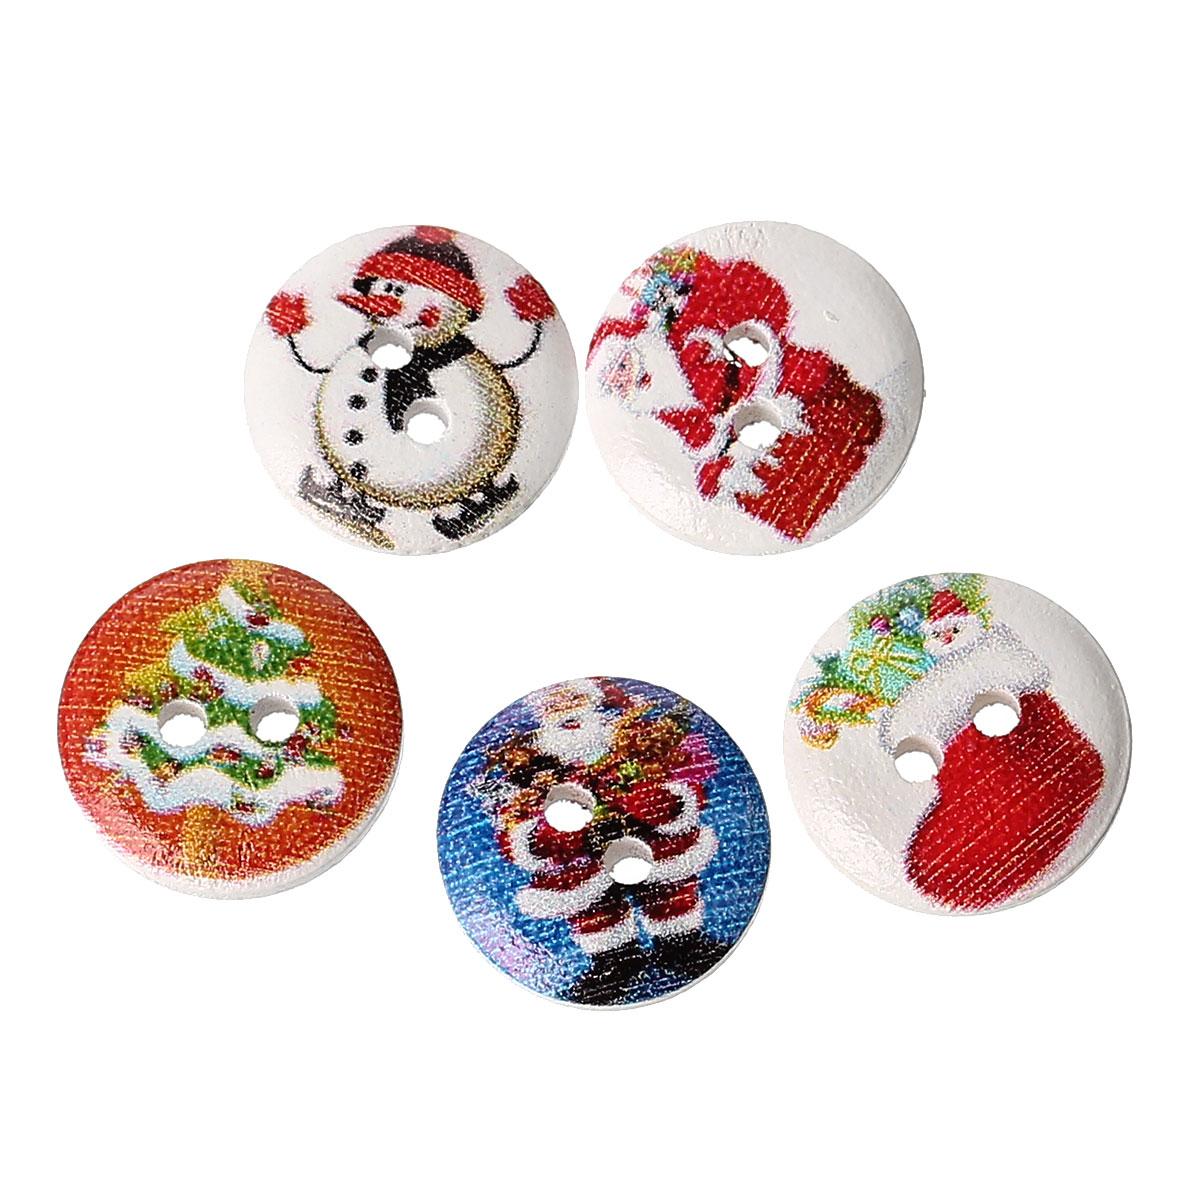 Lot de 15 jolis boutons de couture en bois forme ronde, motifs noël, 15mm